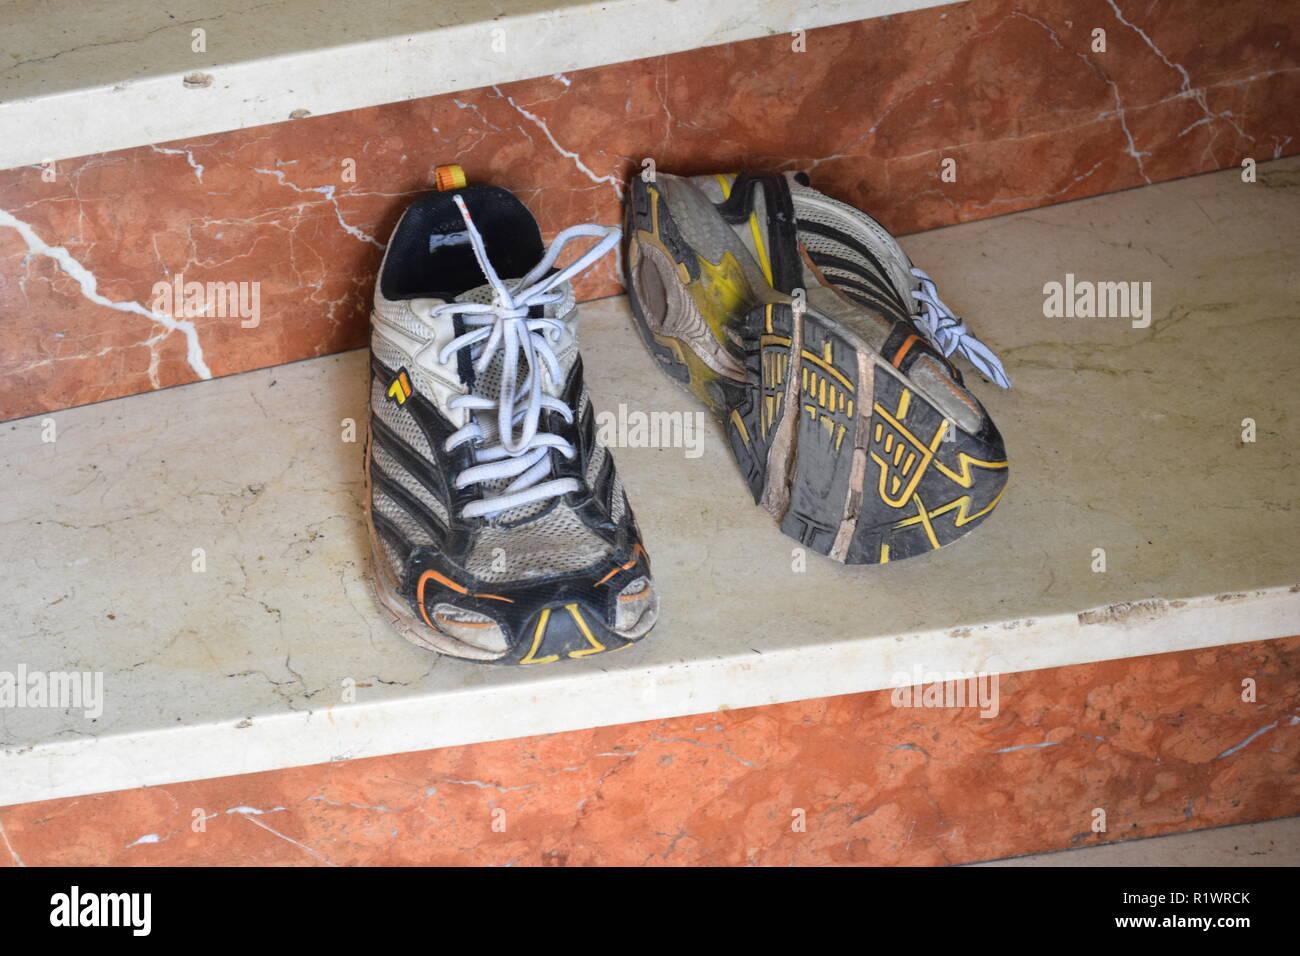 Pair of old Run and walking shoes worn out and with holes under the sole. Paar alte Lauf- und Wanderschuhe abgenutzt und mit Löchern unter der Sohle Stock Photo